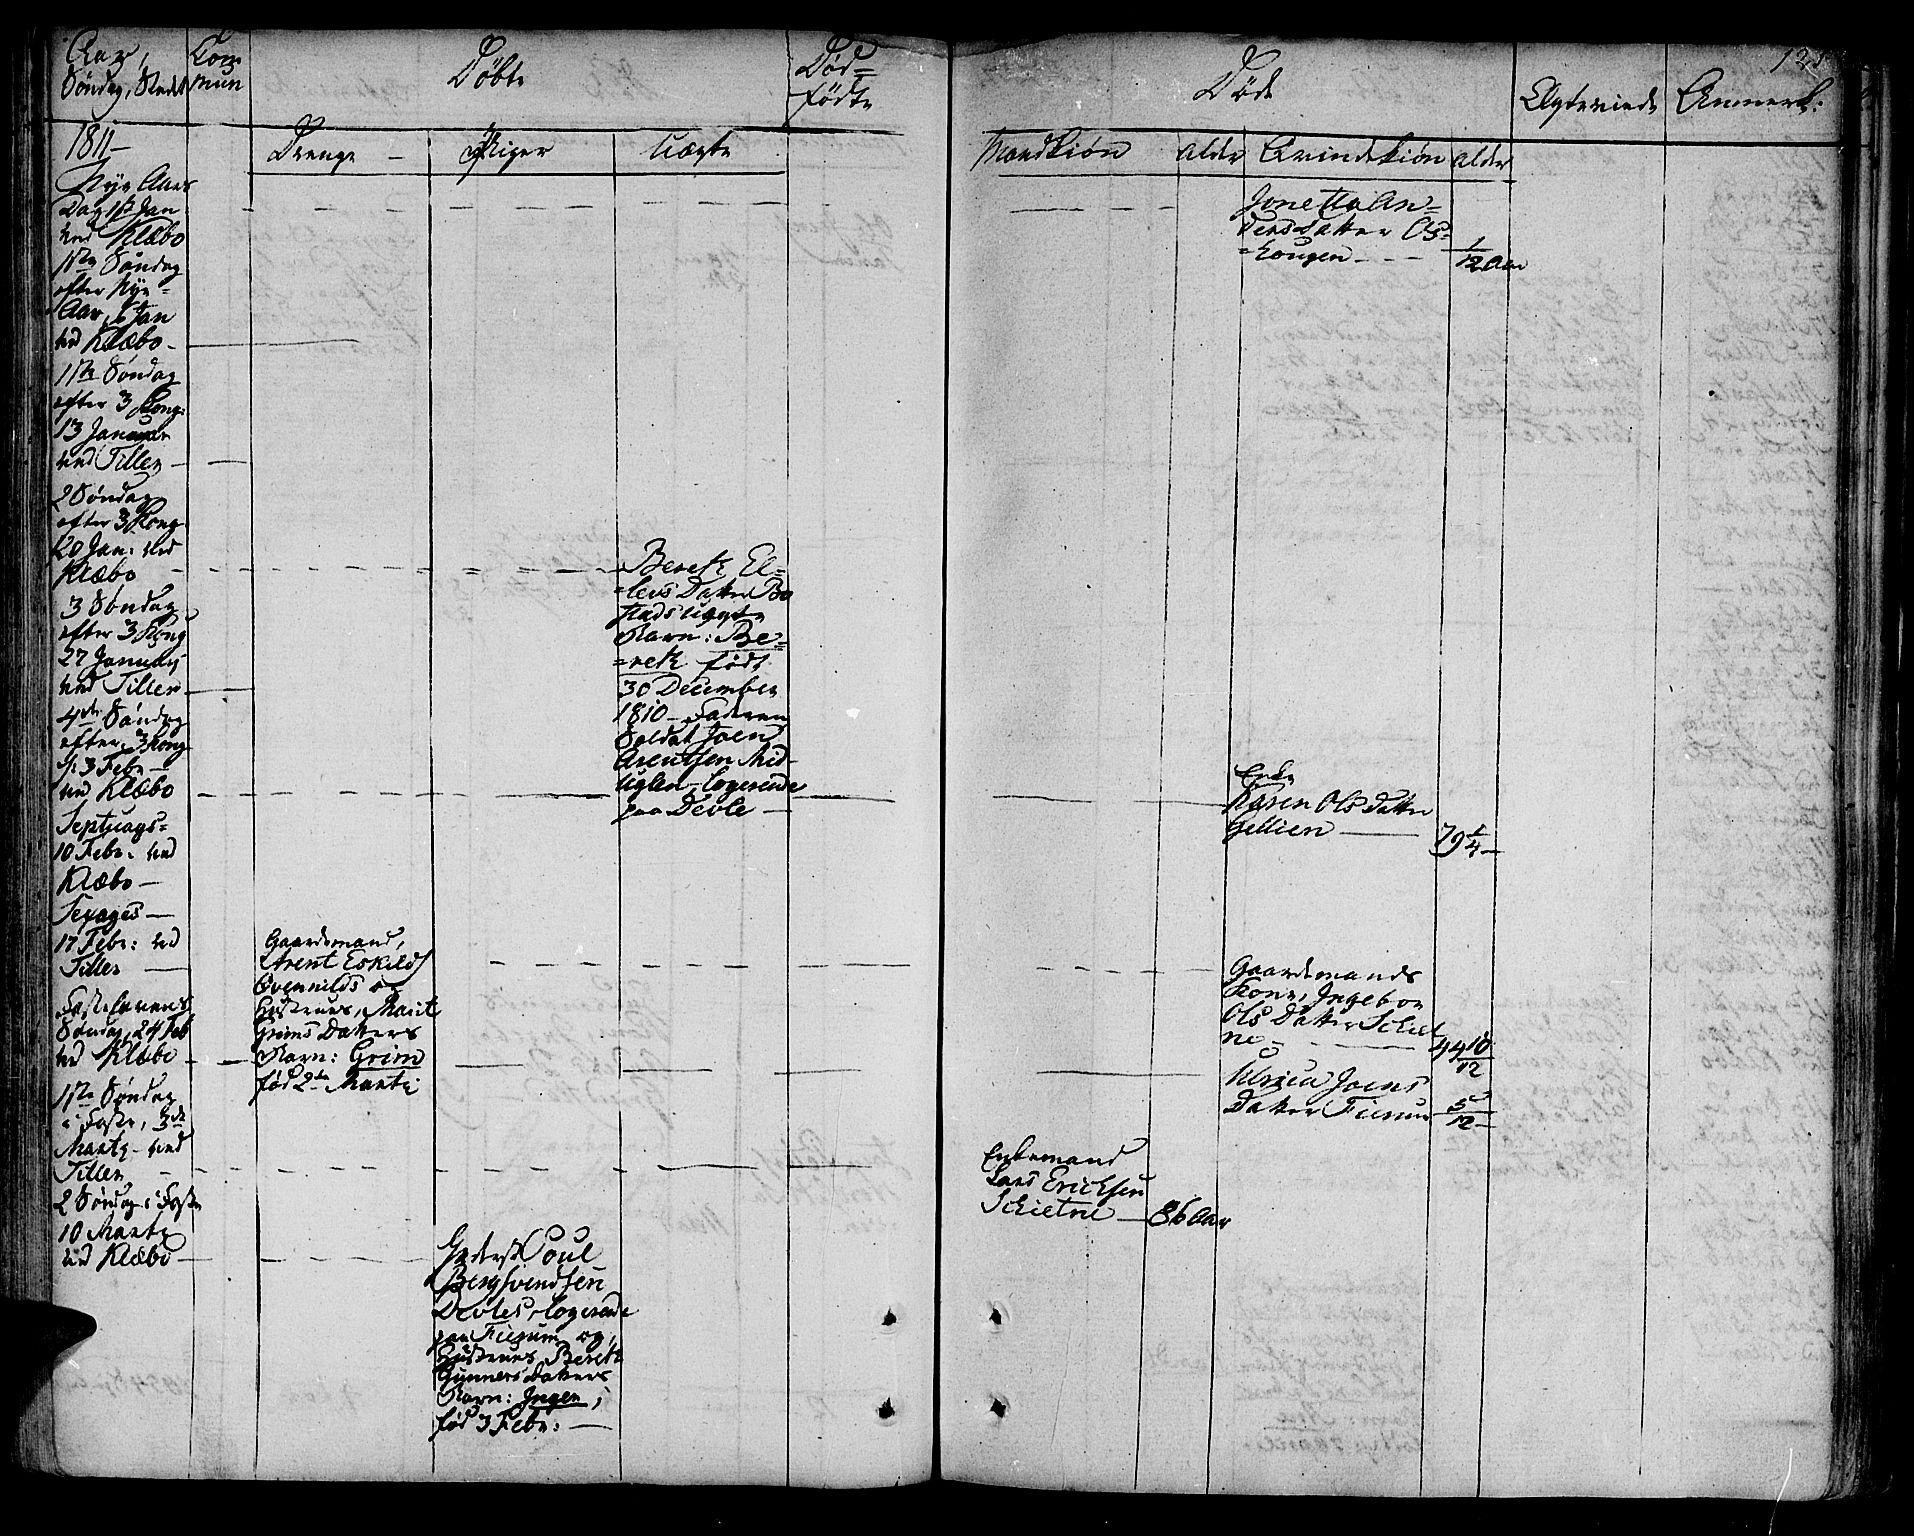 SAT, Ministerialprotokoller, klokkerbøker og fødselsregistre - Sør-Trøndelag, 618/L0438: Ministerialbok nr. 618A03, 1783-1815, s. 121